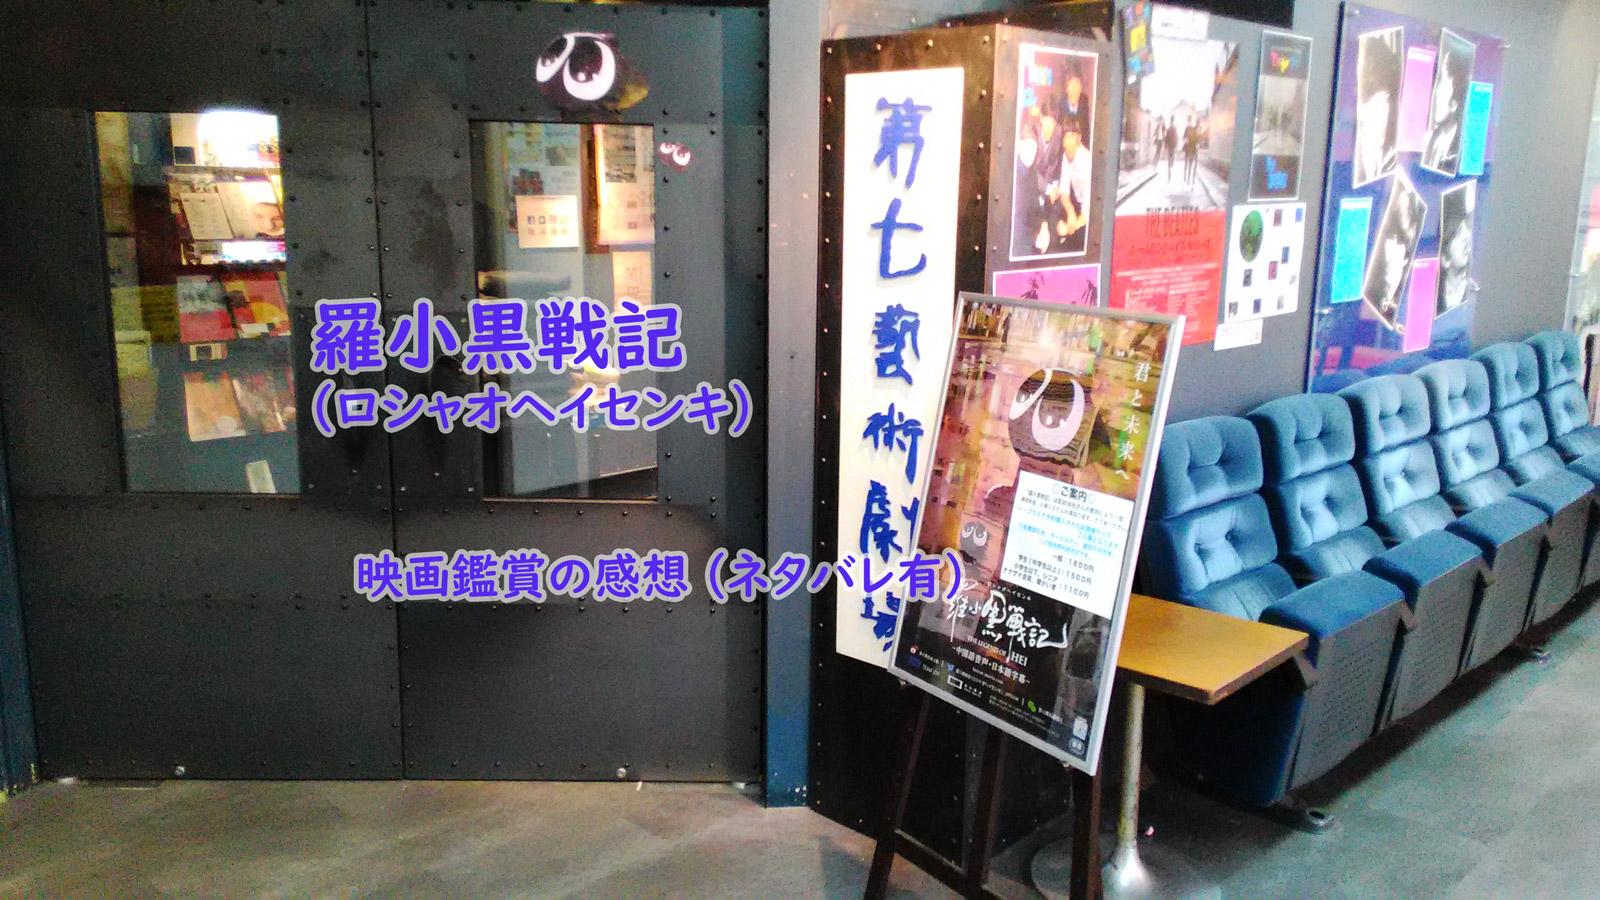 『羅小黒戦記(ロシャオヘイセンキ)ぼくが選ぶ未来』〈映画〉鑑賞の感想 (途中からネタバレ有り)